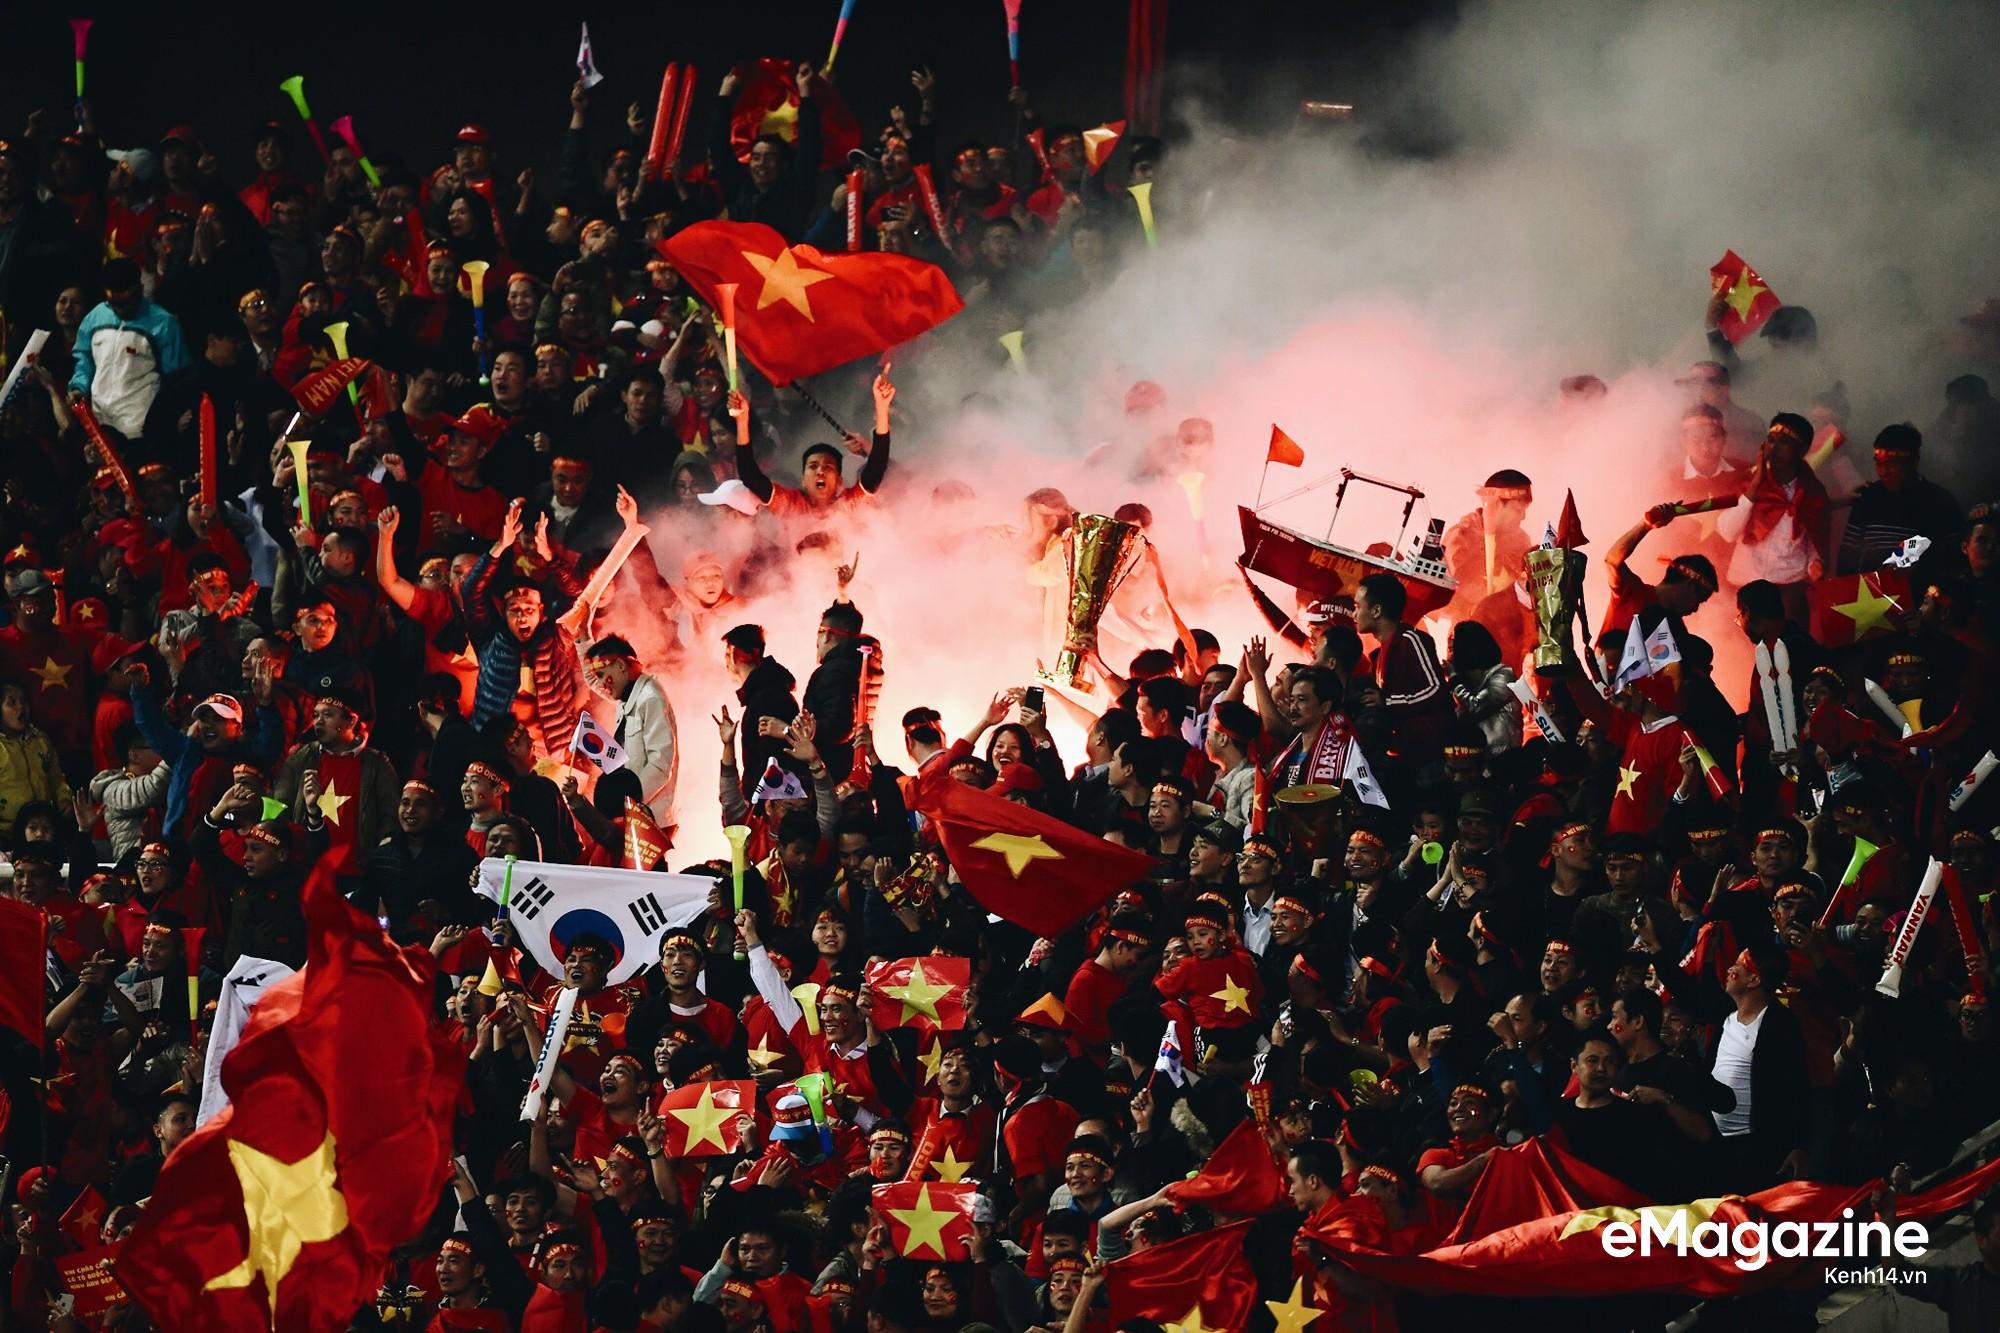 Không chỉ là cúp vàng hôm nay, thế hệ bóng đá Việt Nam mới mang tới cho ta niềm tin vào những thứ tốt đẹp hơn - Ảnh 1.